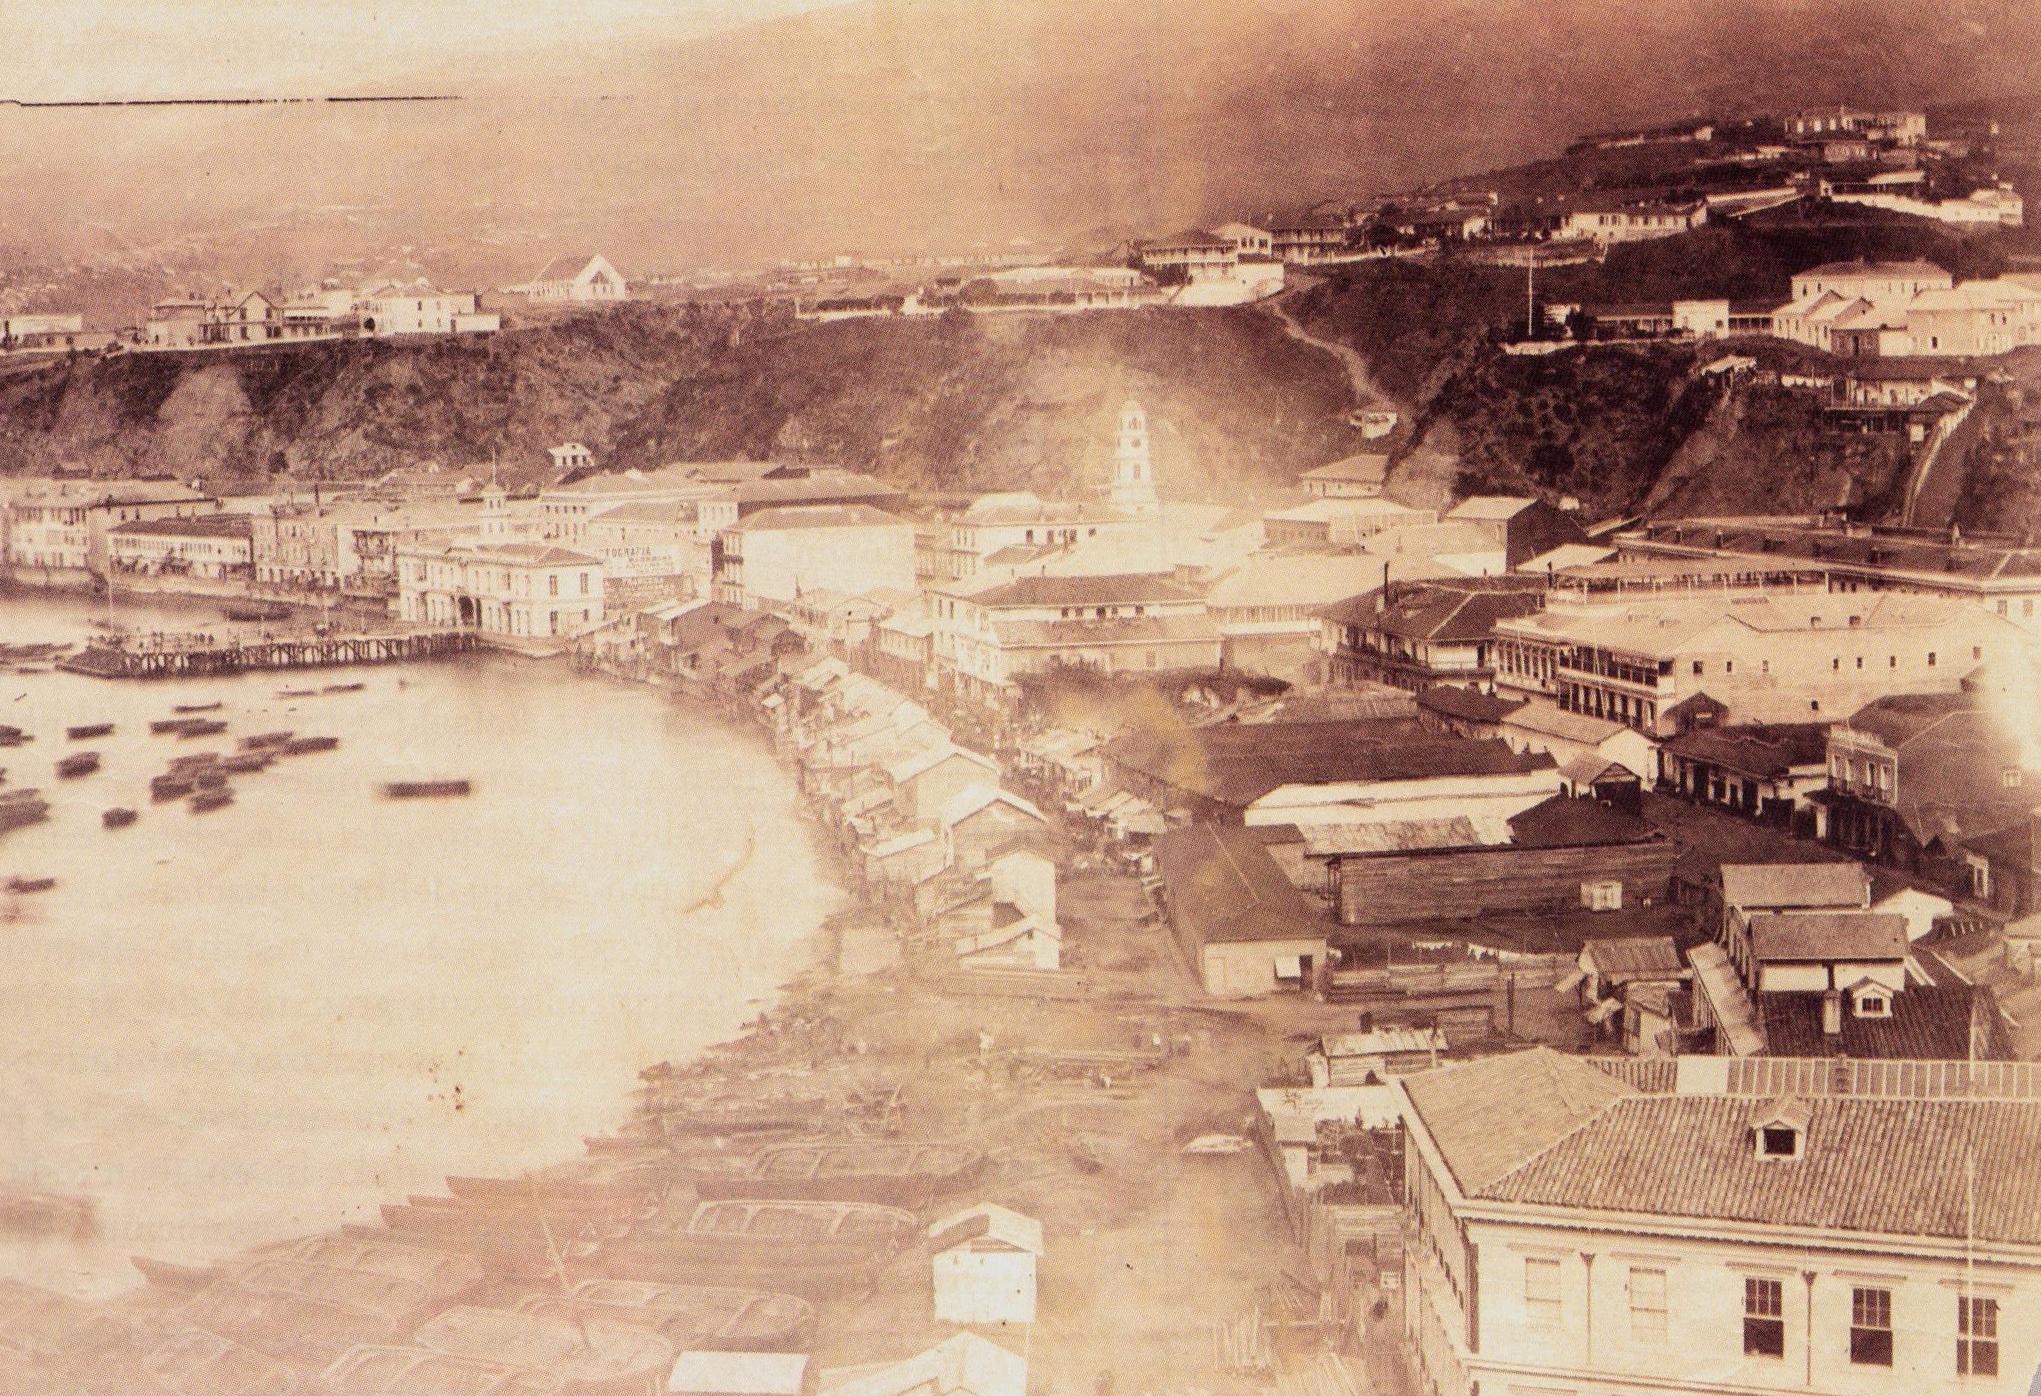 Enterreno - Fotos históricas de chile - fotos antiguas de Chile - Bahía de Valparaíso año 1864